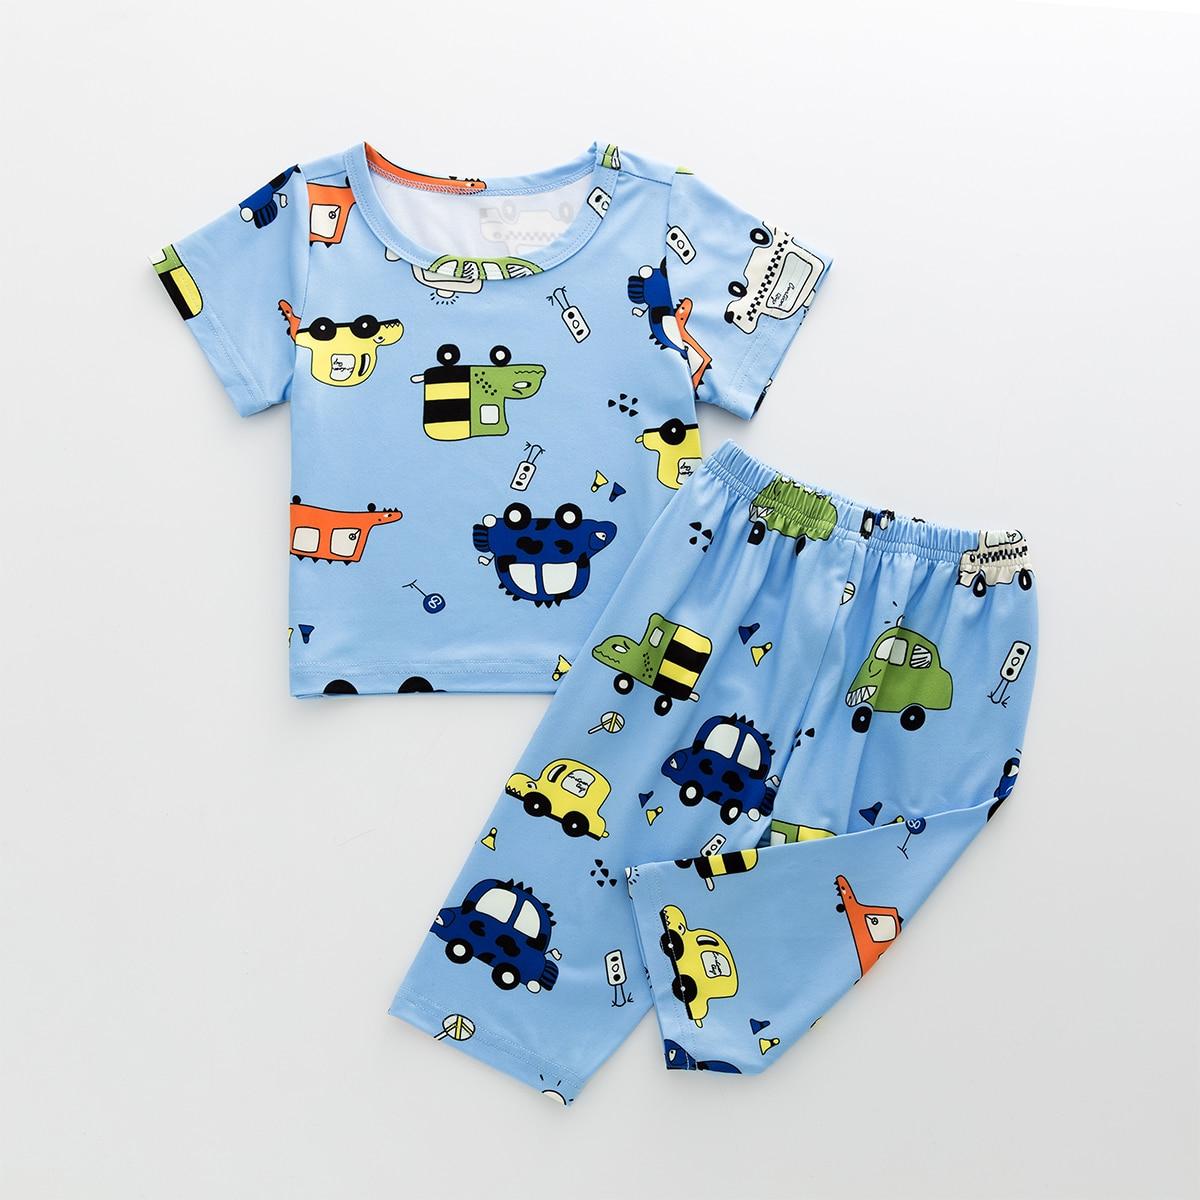 Нежно-голубой Мультяшный принт Повседневный Домашняя одежда для мальчиков от SHEIN